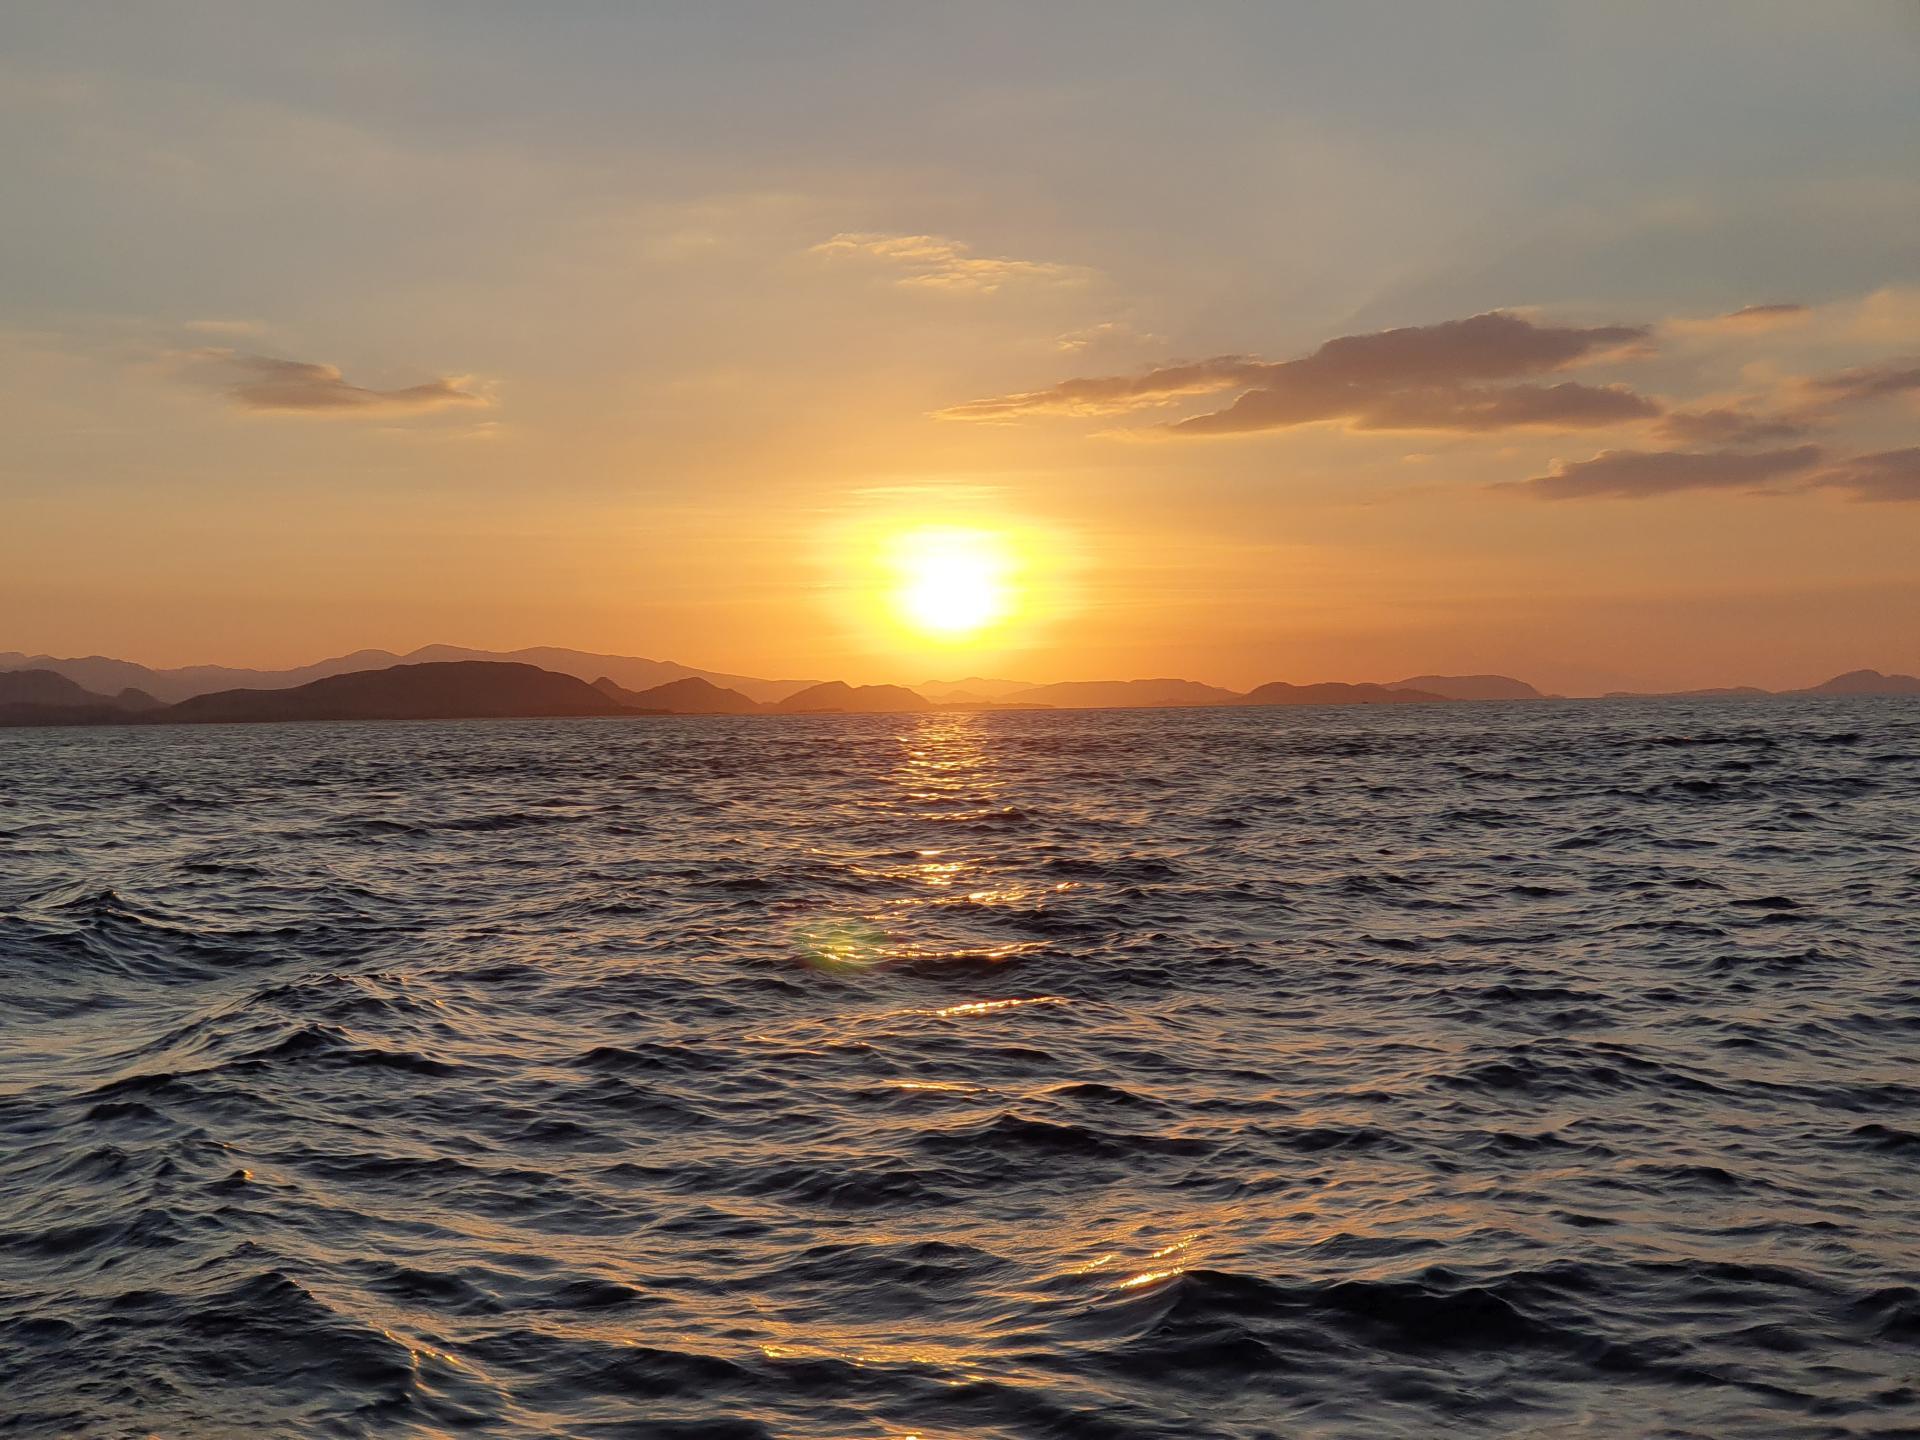 Закат на острове Флорес, Индонезия